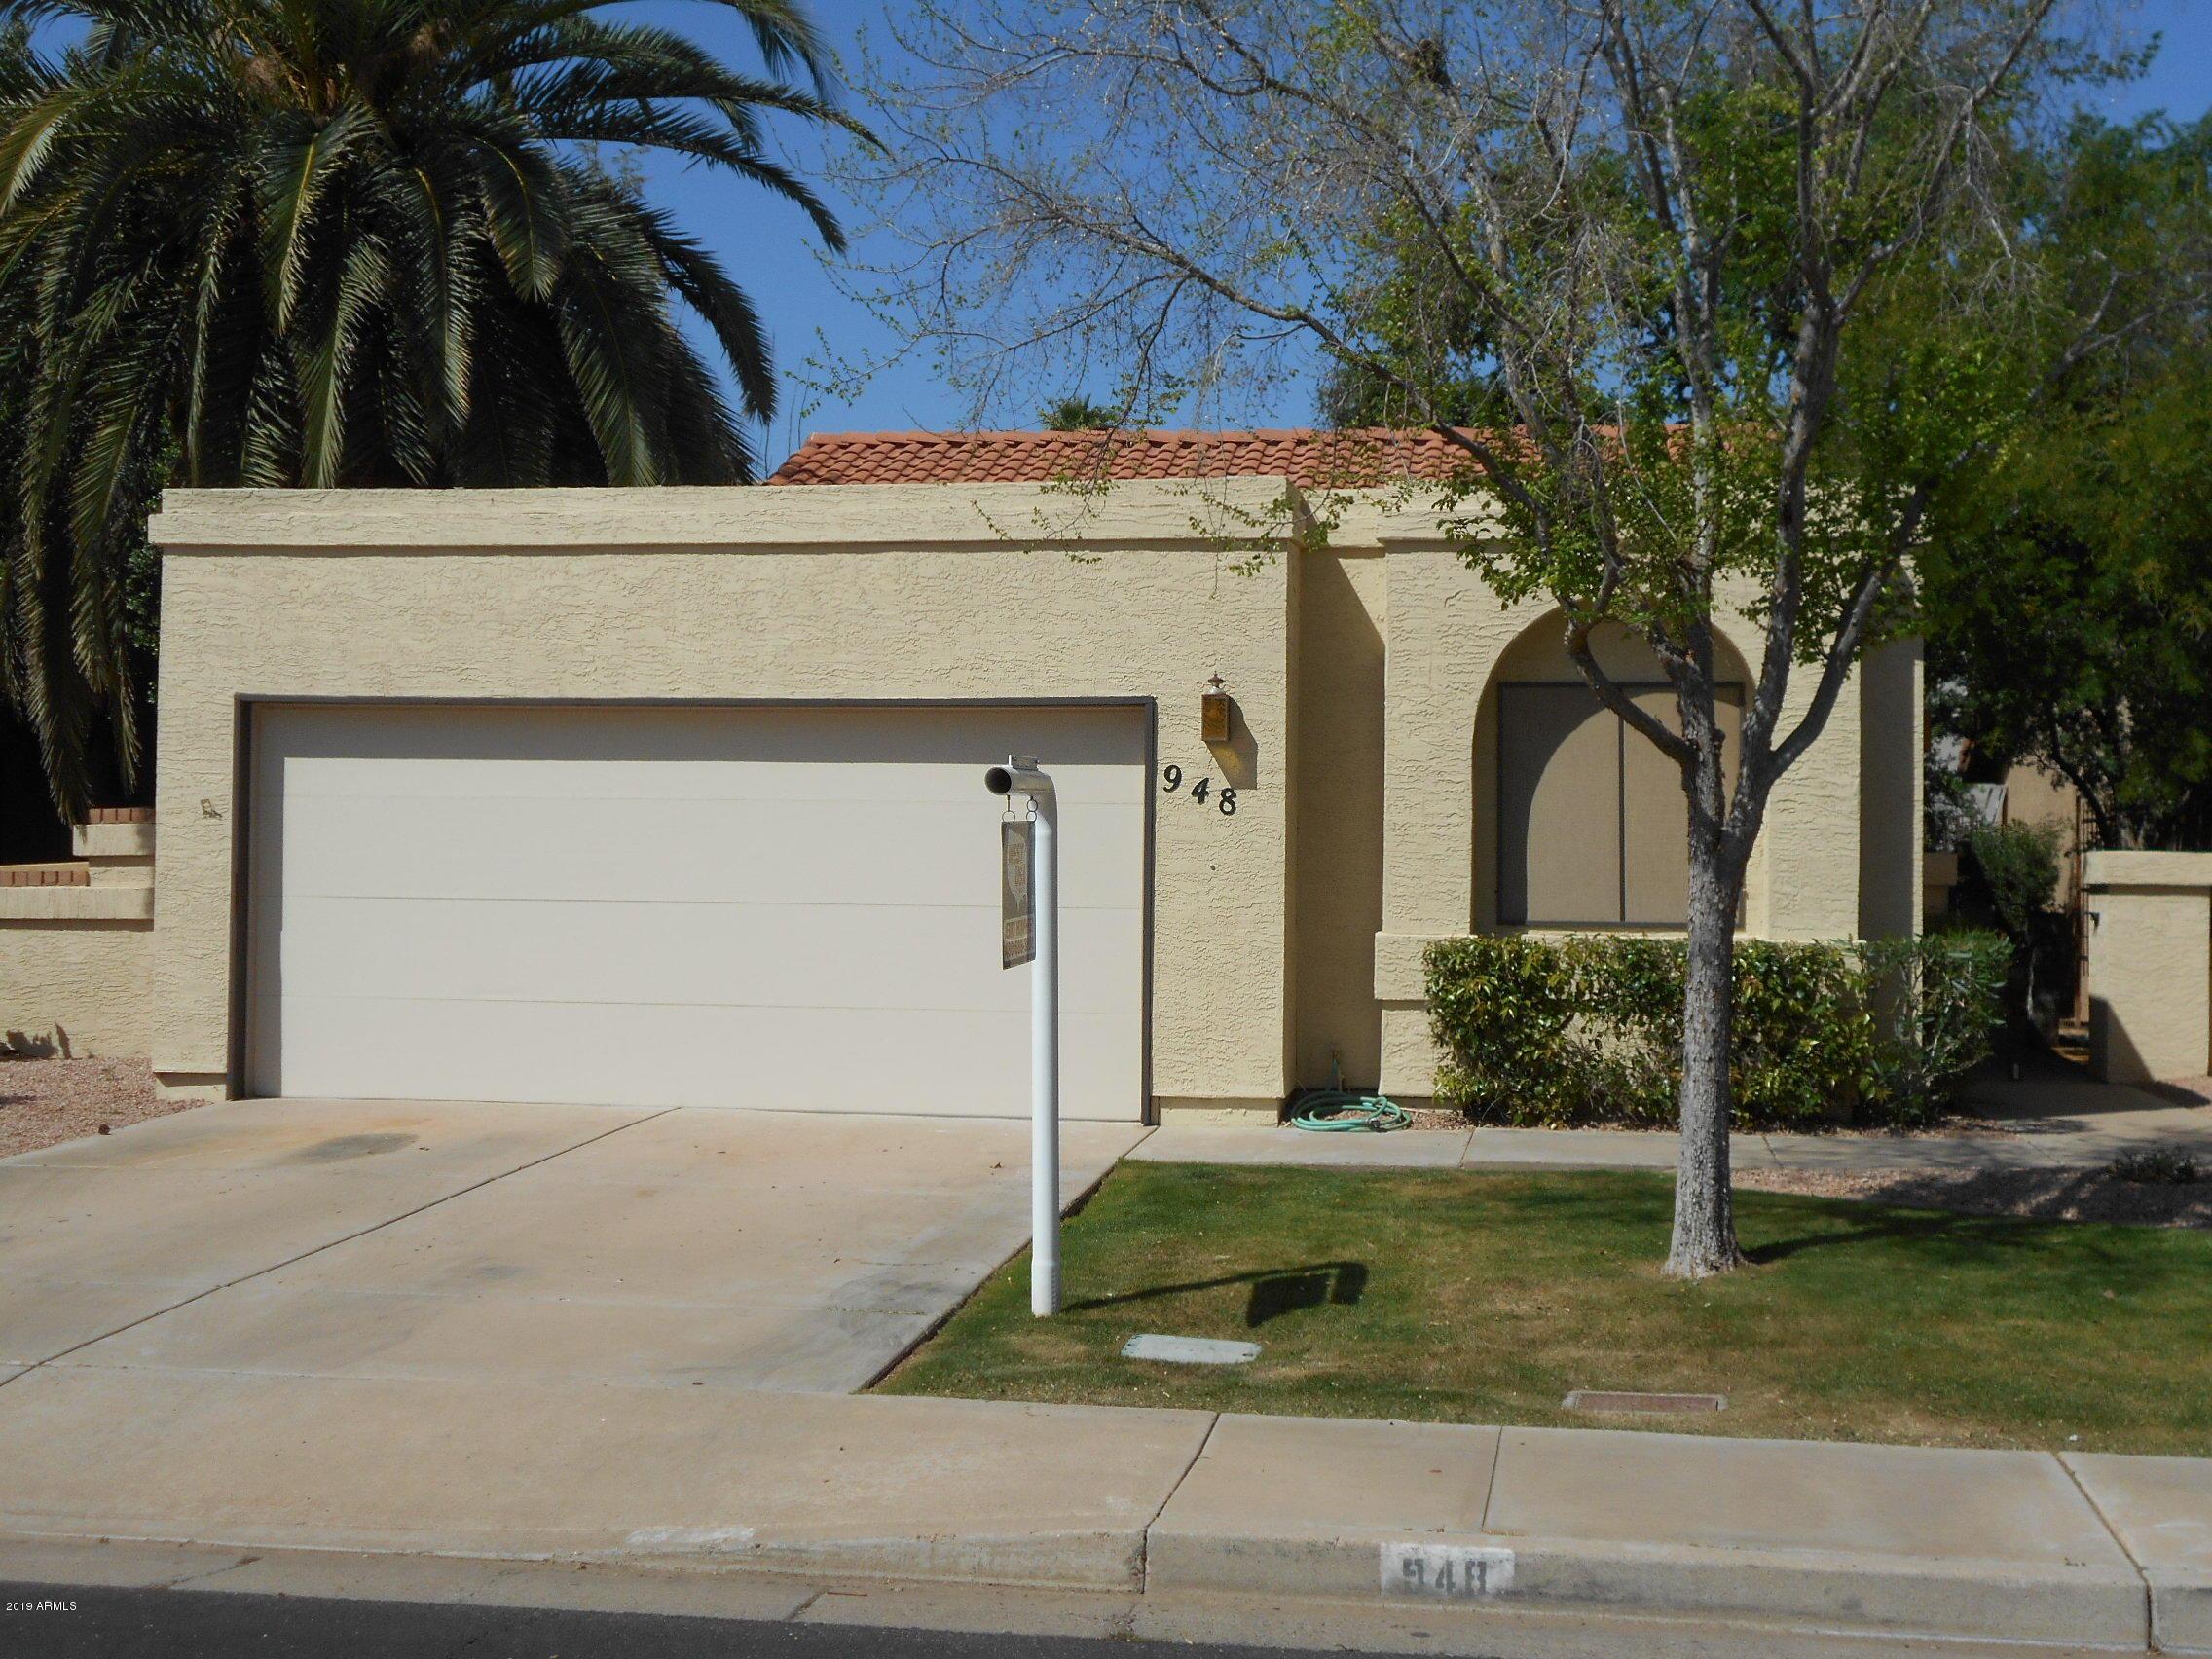 Photo of 948 S 21ST Street, Mesa, AZ 85204